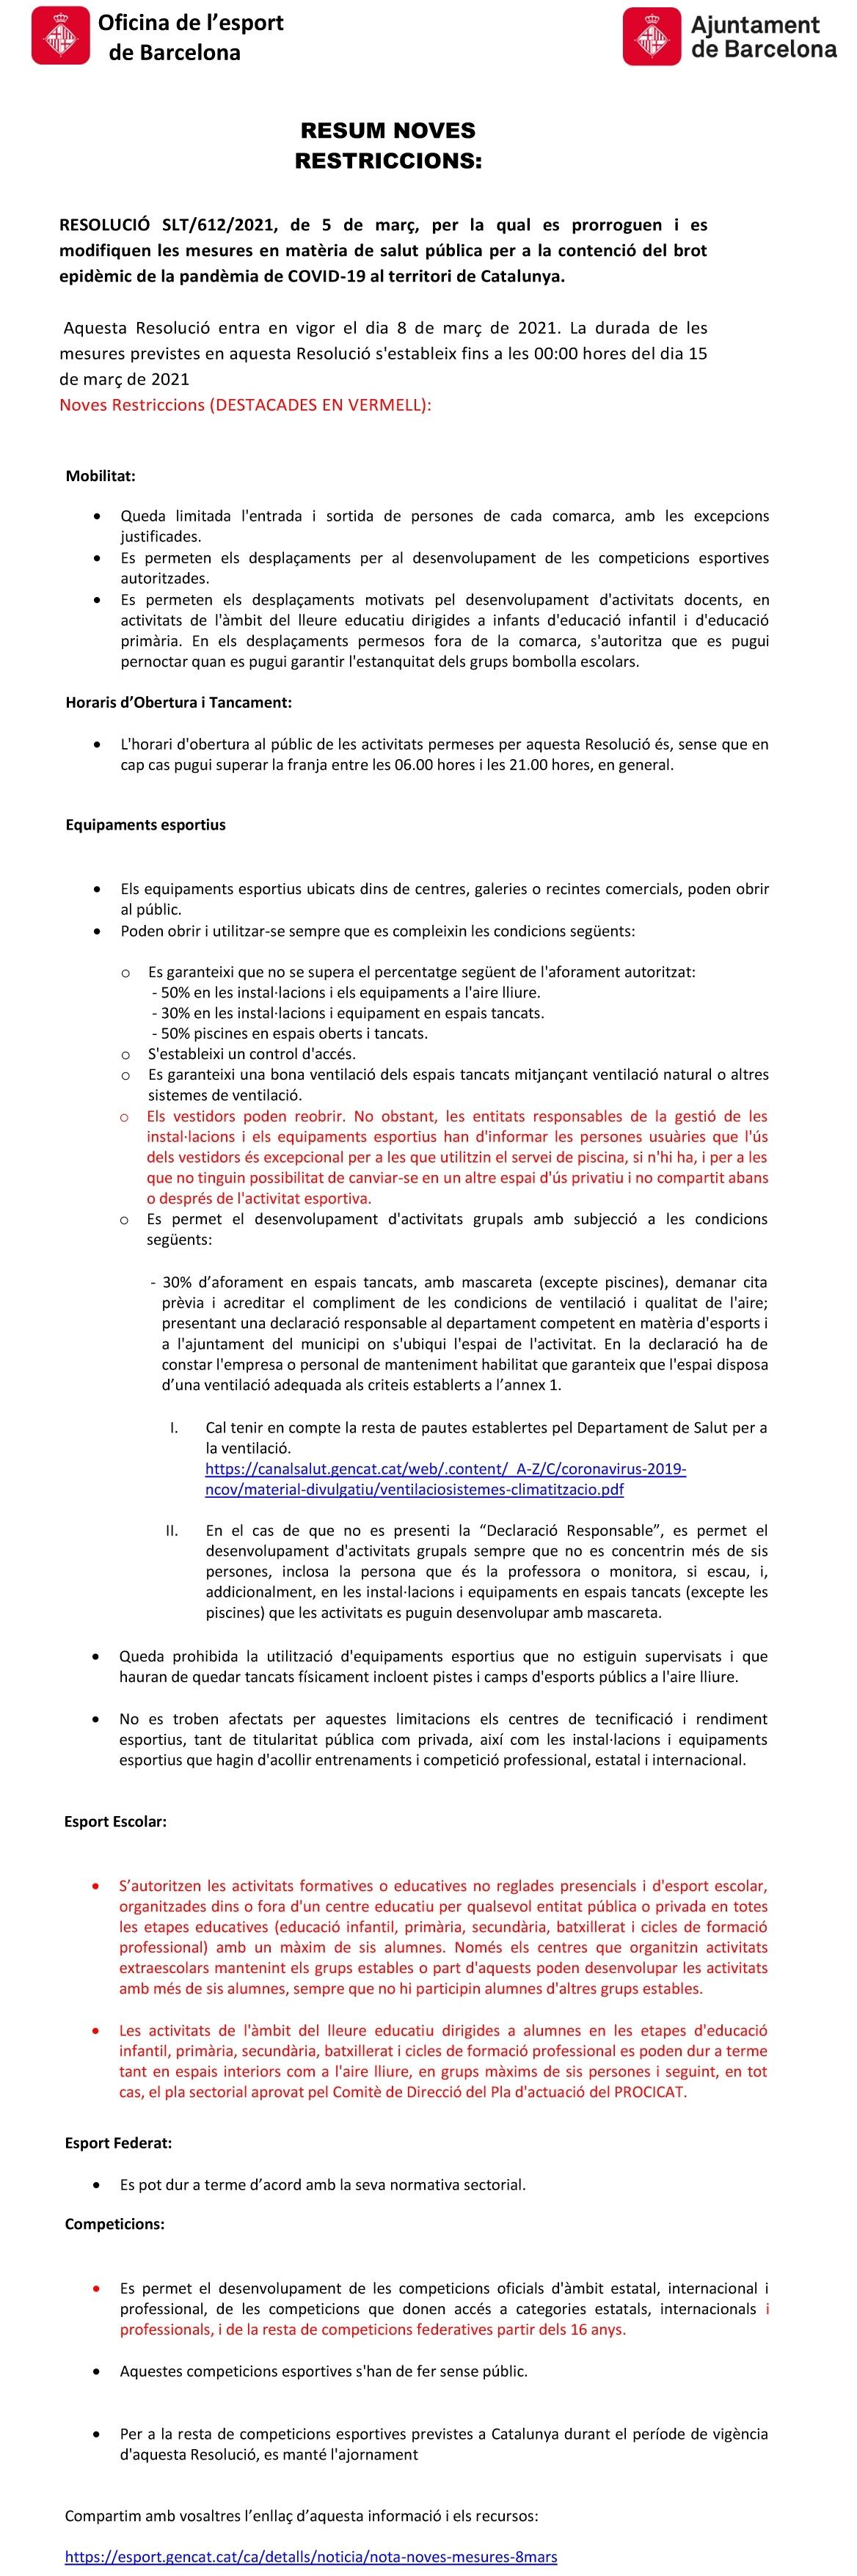 COVID-19. Resolució SLT/612/2021. Afectació al món de l'esport | Federació Catalana de Ball Esportiu